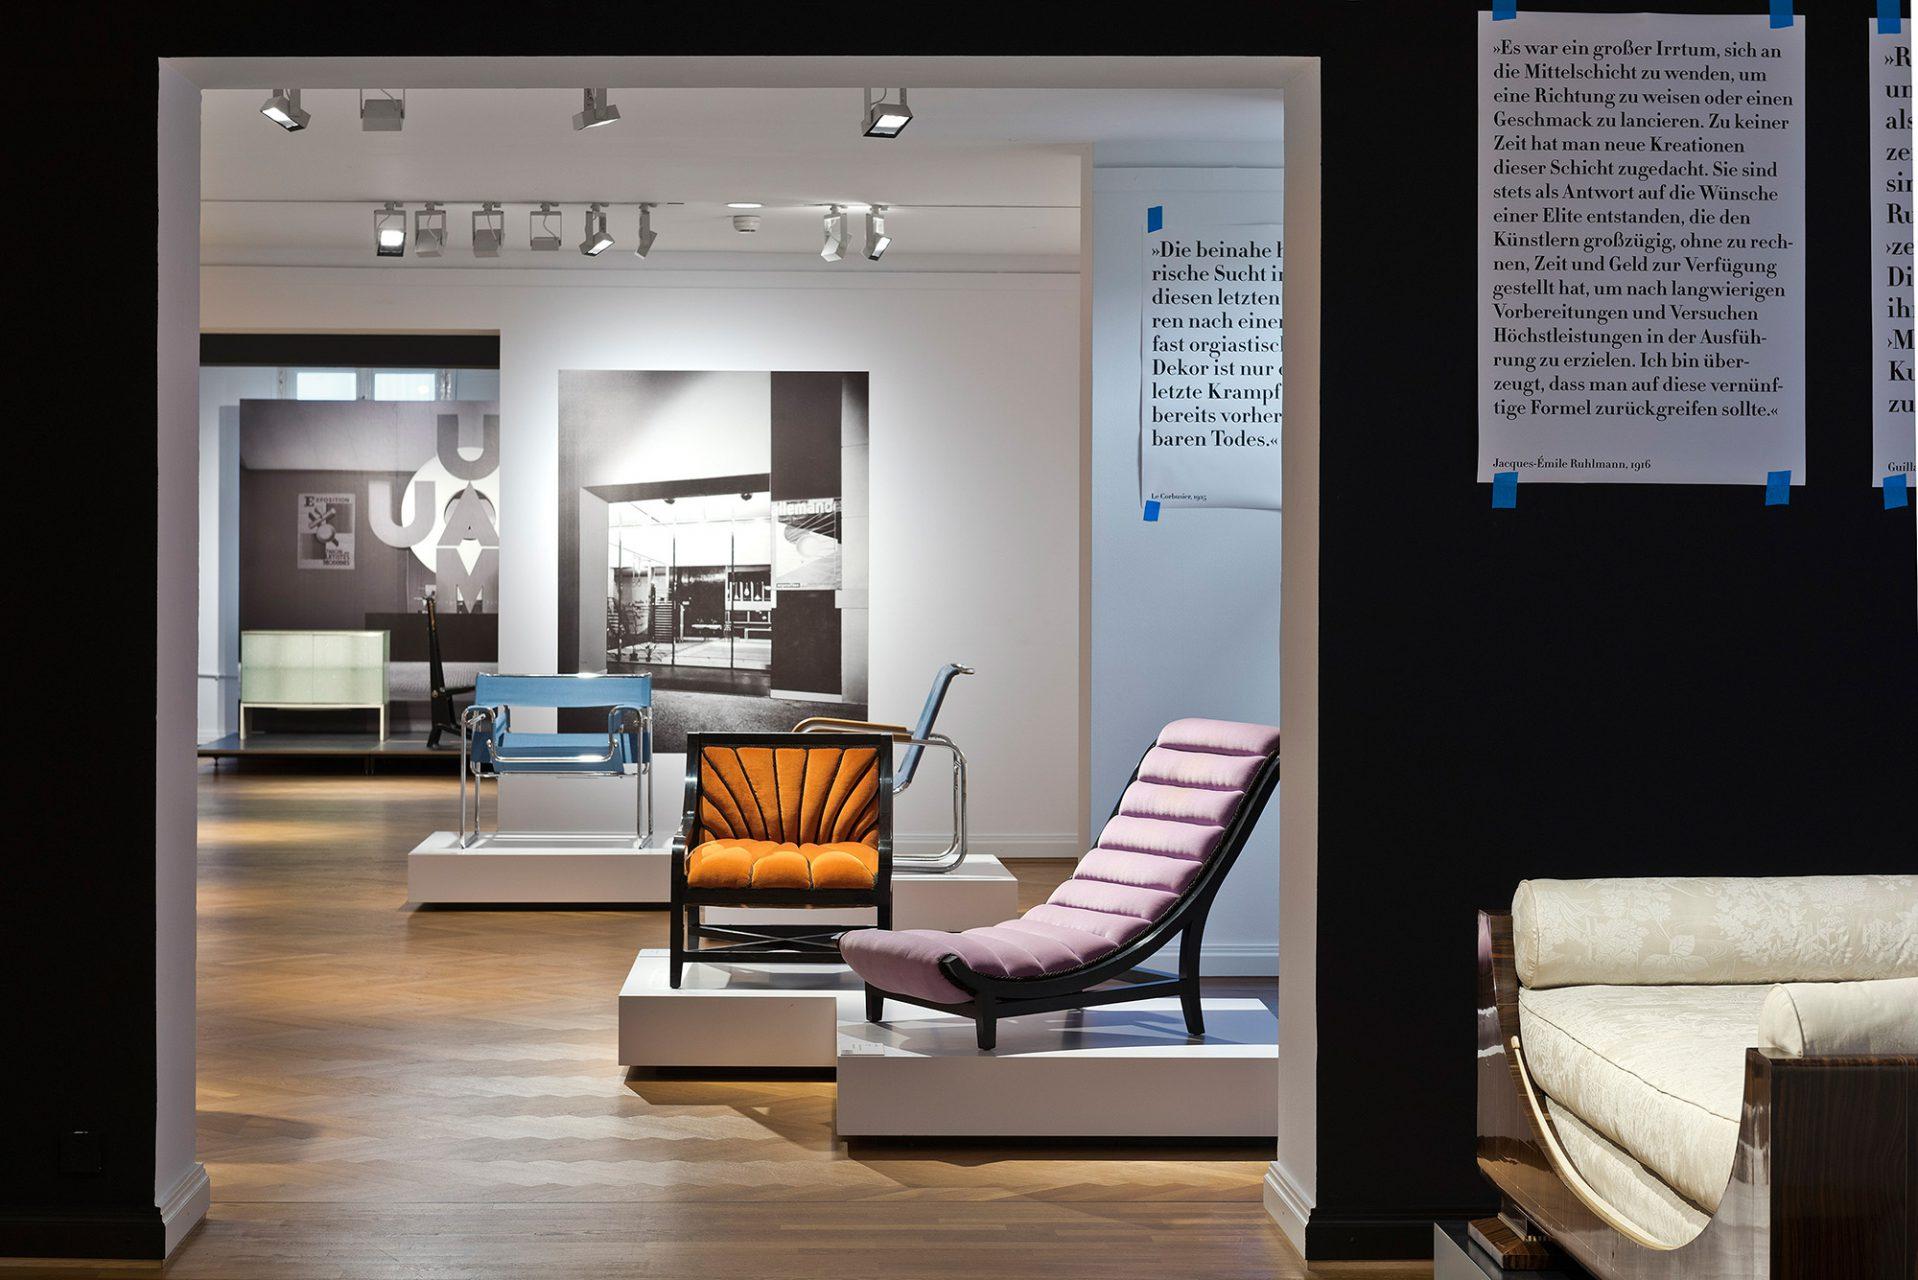 """Paris 1930.  Der Deutsche Werkbund erhielt 1930 die Einladung, ihre erneuerte Architektur- und Designsprache auf der Pariser Ausstellung """"Société des artistes décorateurs"""" vorzustellen."""